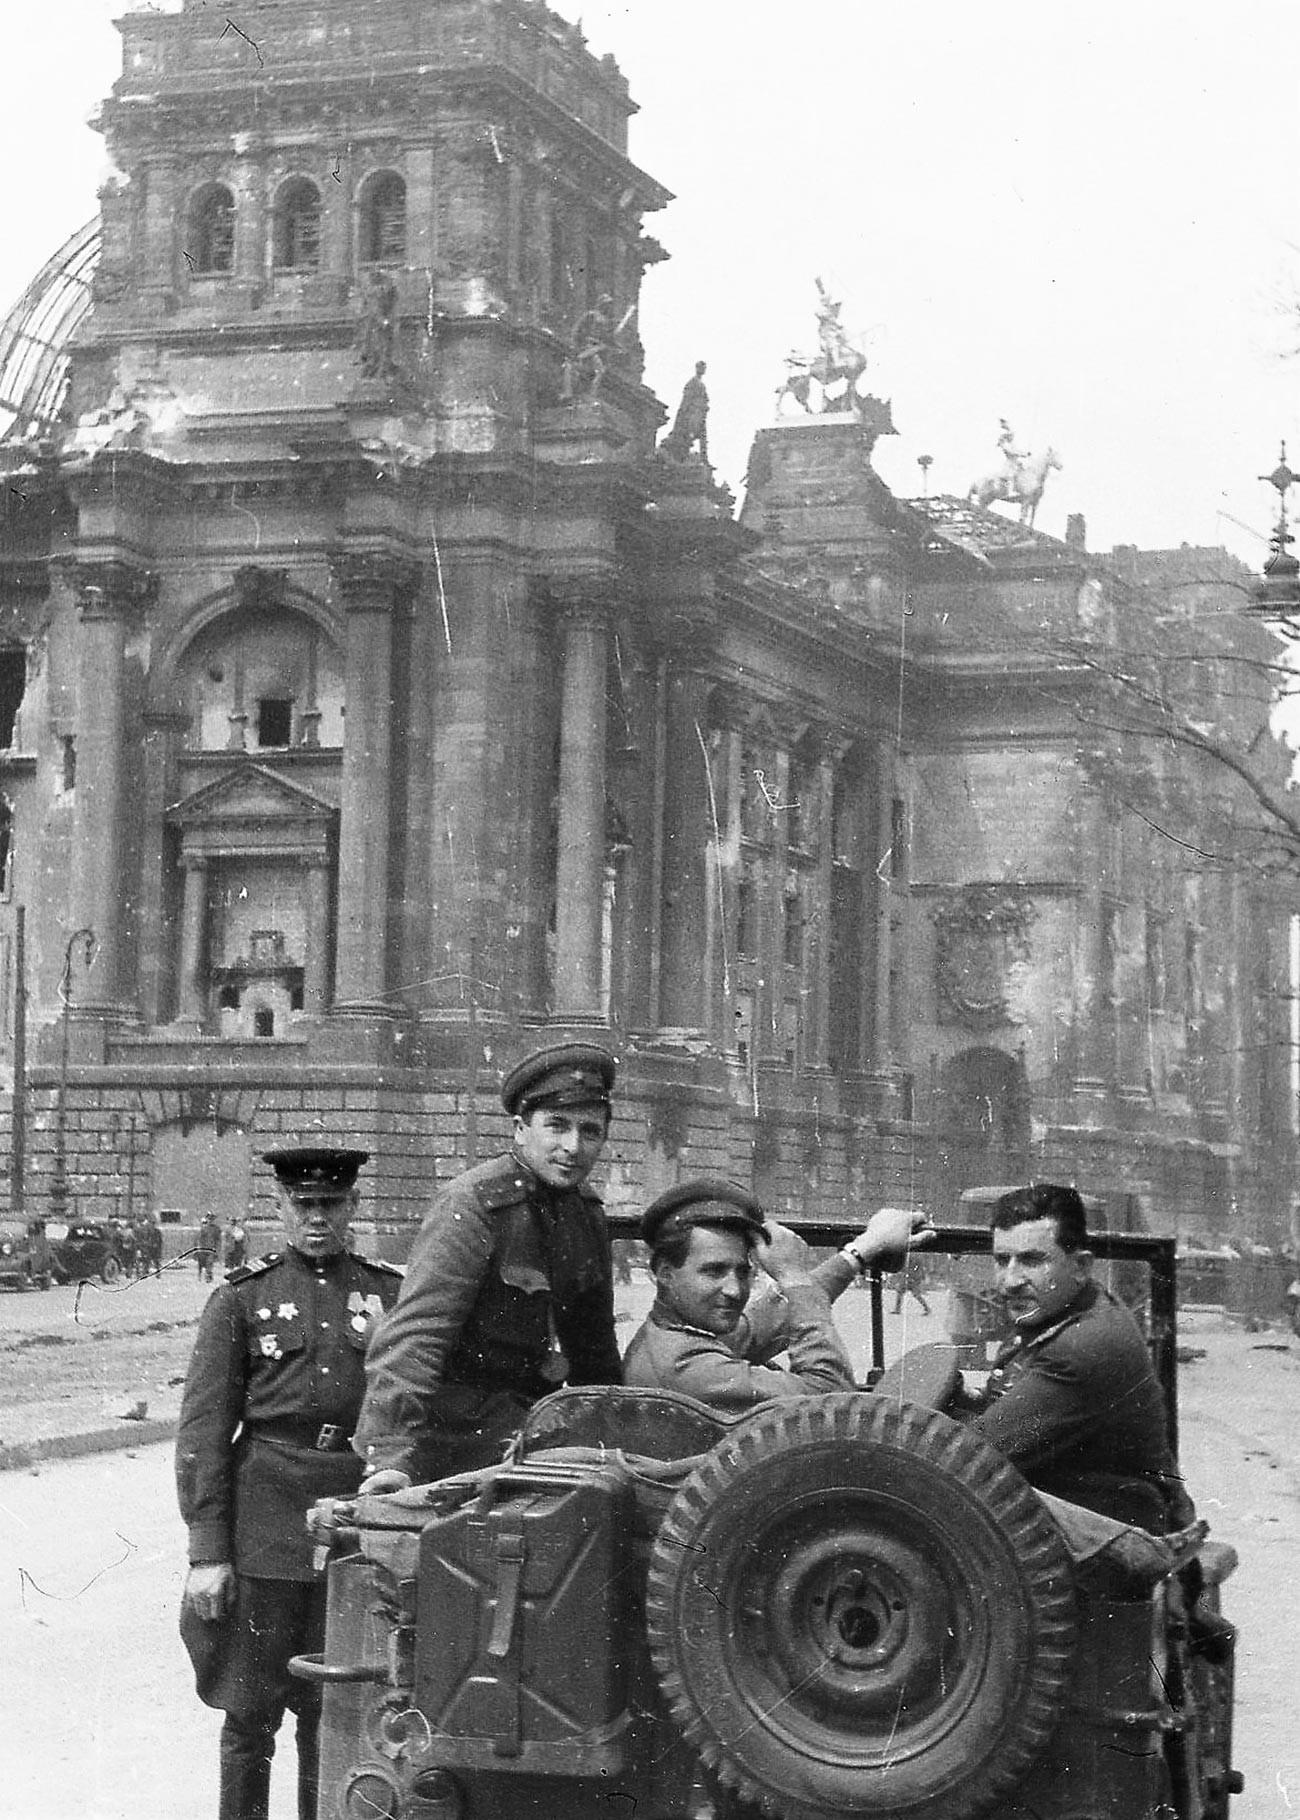 イリヤ・アロンス。左から順に、マトヴェイ・ヴァイントルプ少将、作家のコンスタンチン・シモノフ、映像作家のイリヤ・アロンス。ベルリンの国会議事堂にて。1945年。